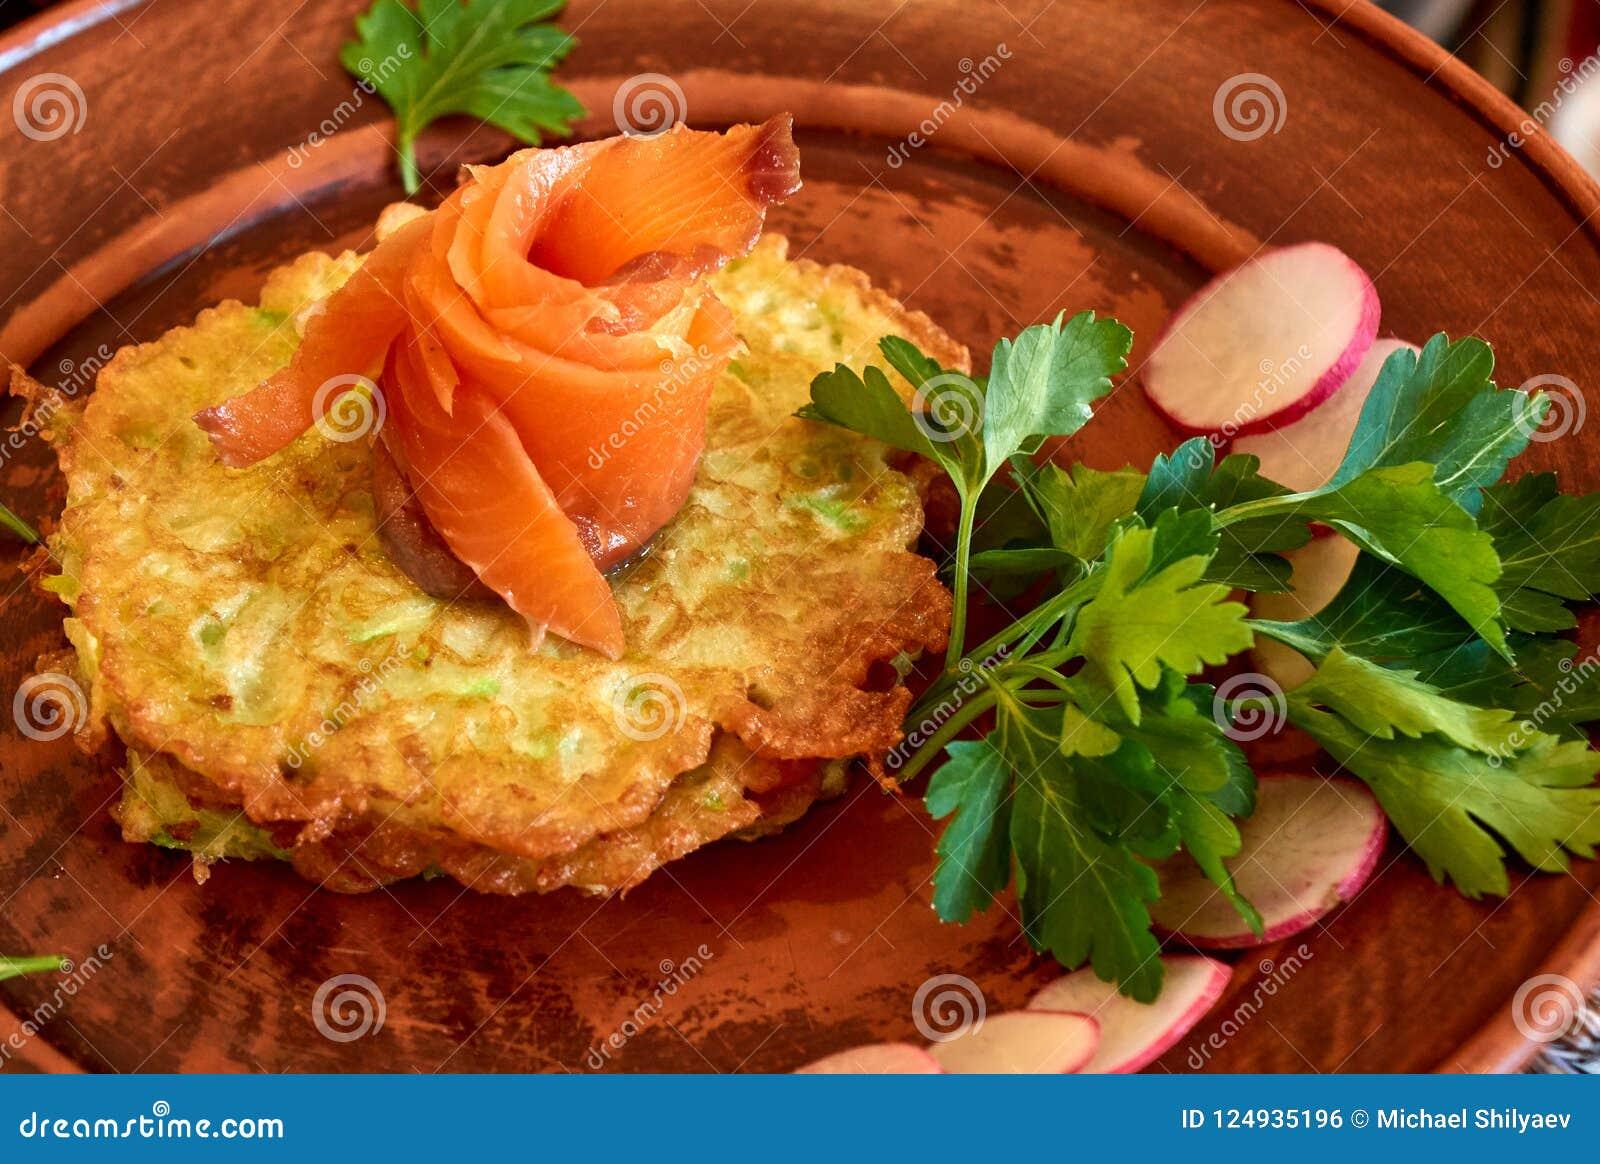 Salmones frescos encima de las crepes del calabacín con perejil y el rábano